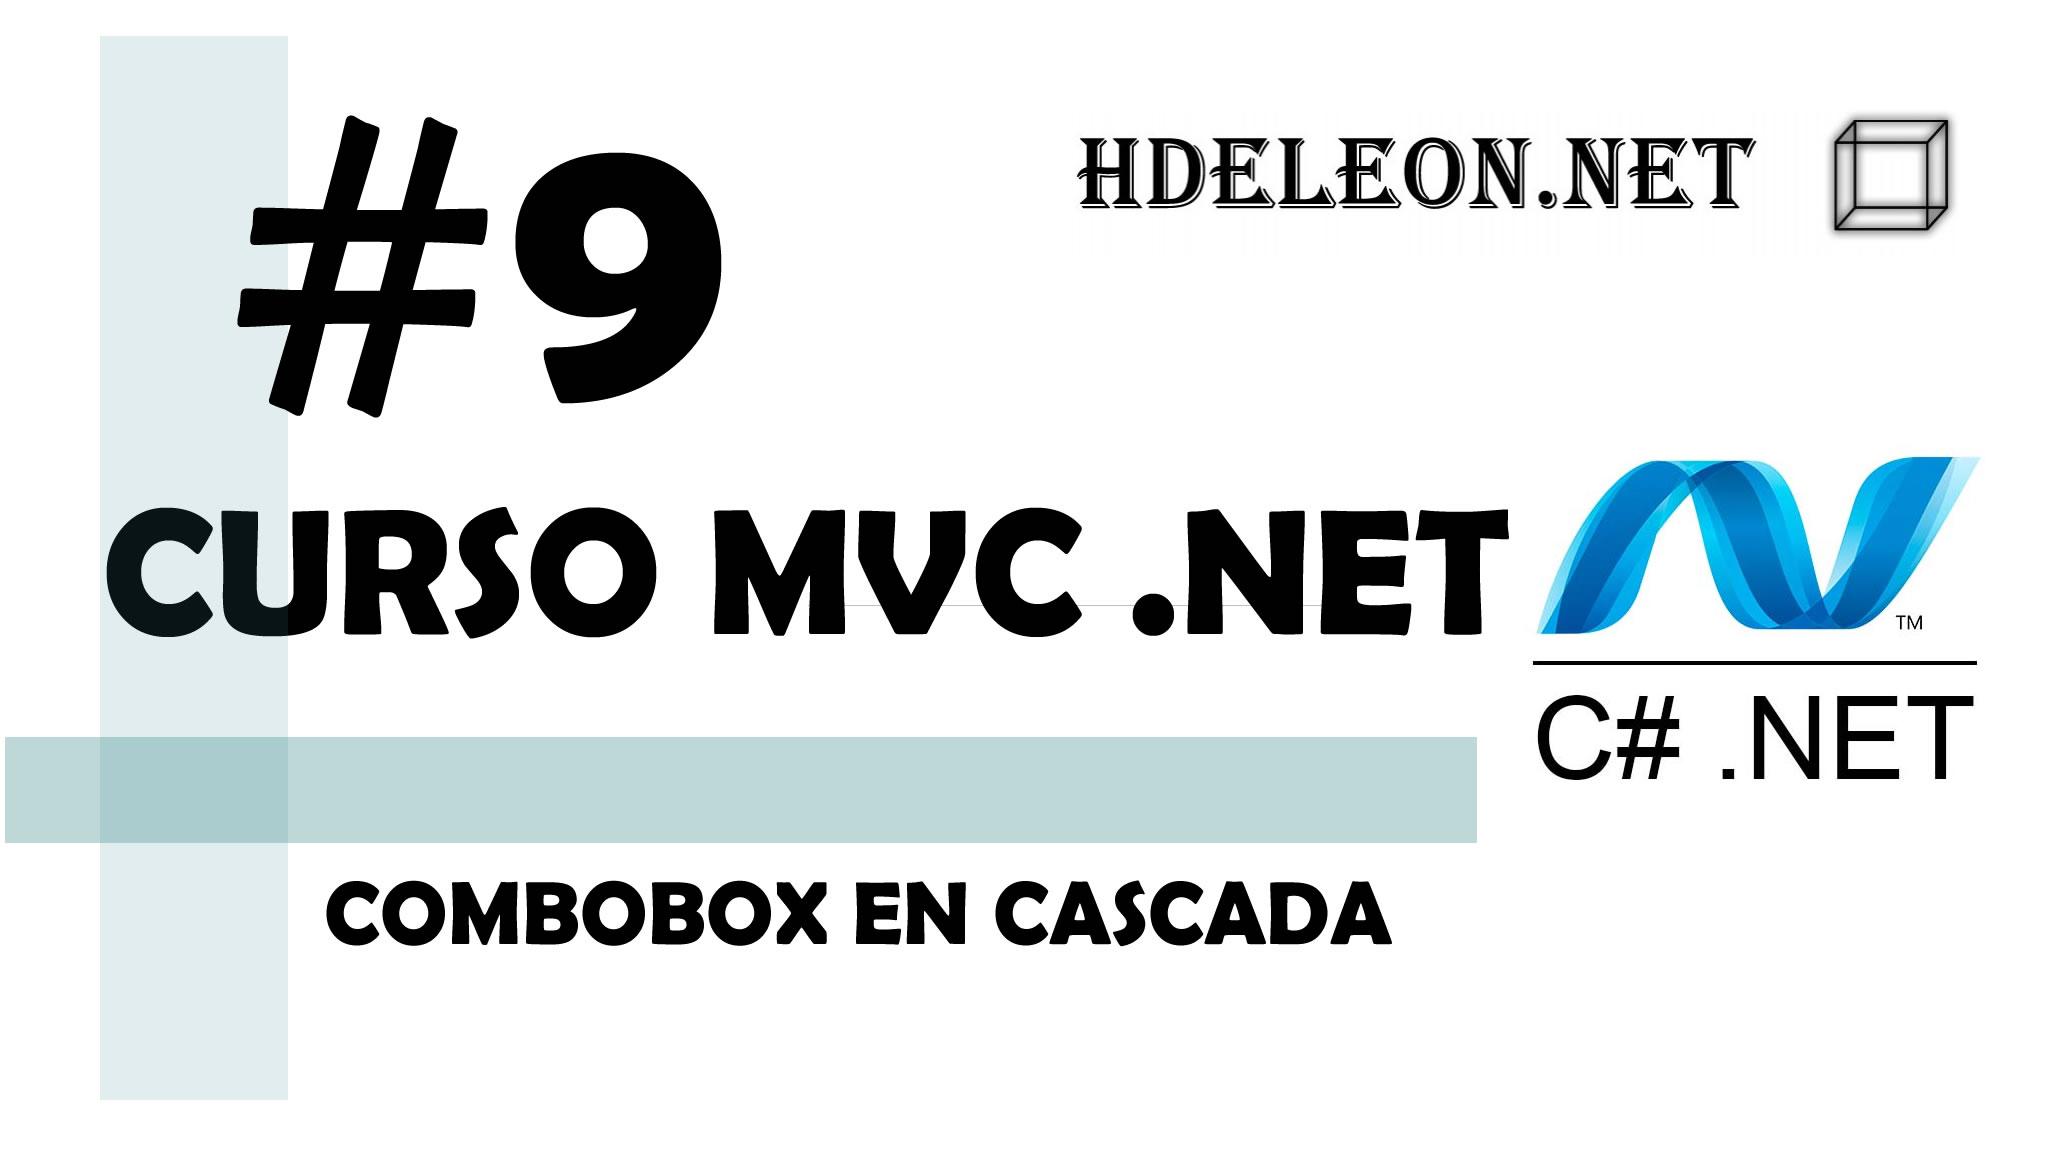 Curso de MVC .Net C#, Combobox en cascada, #9